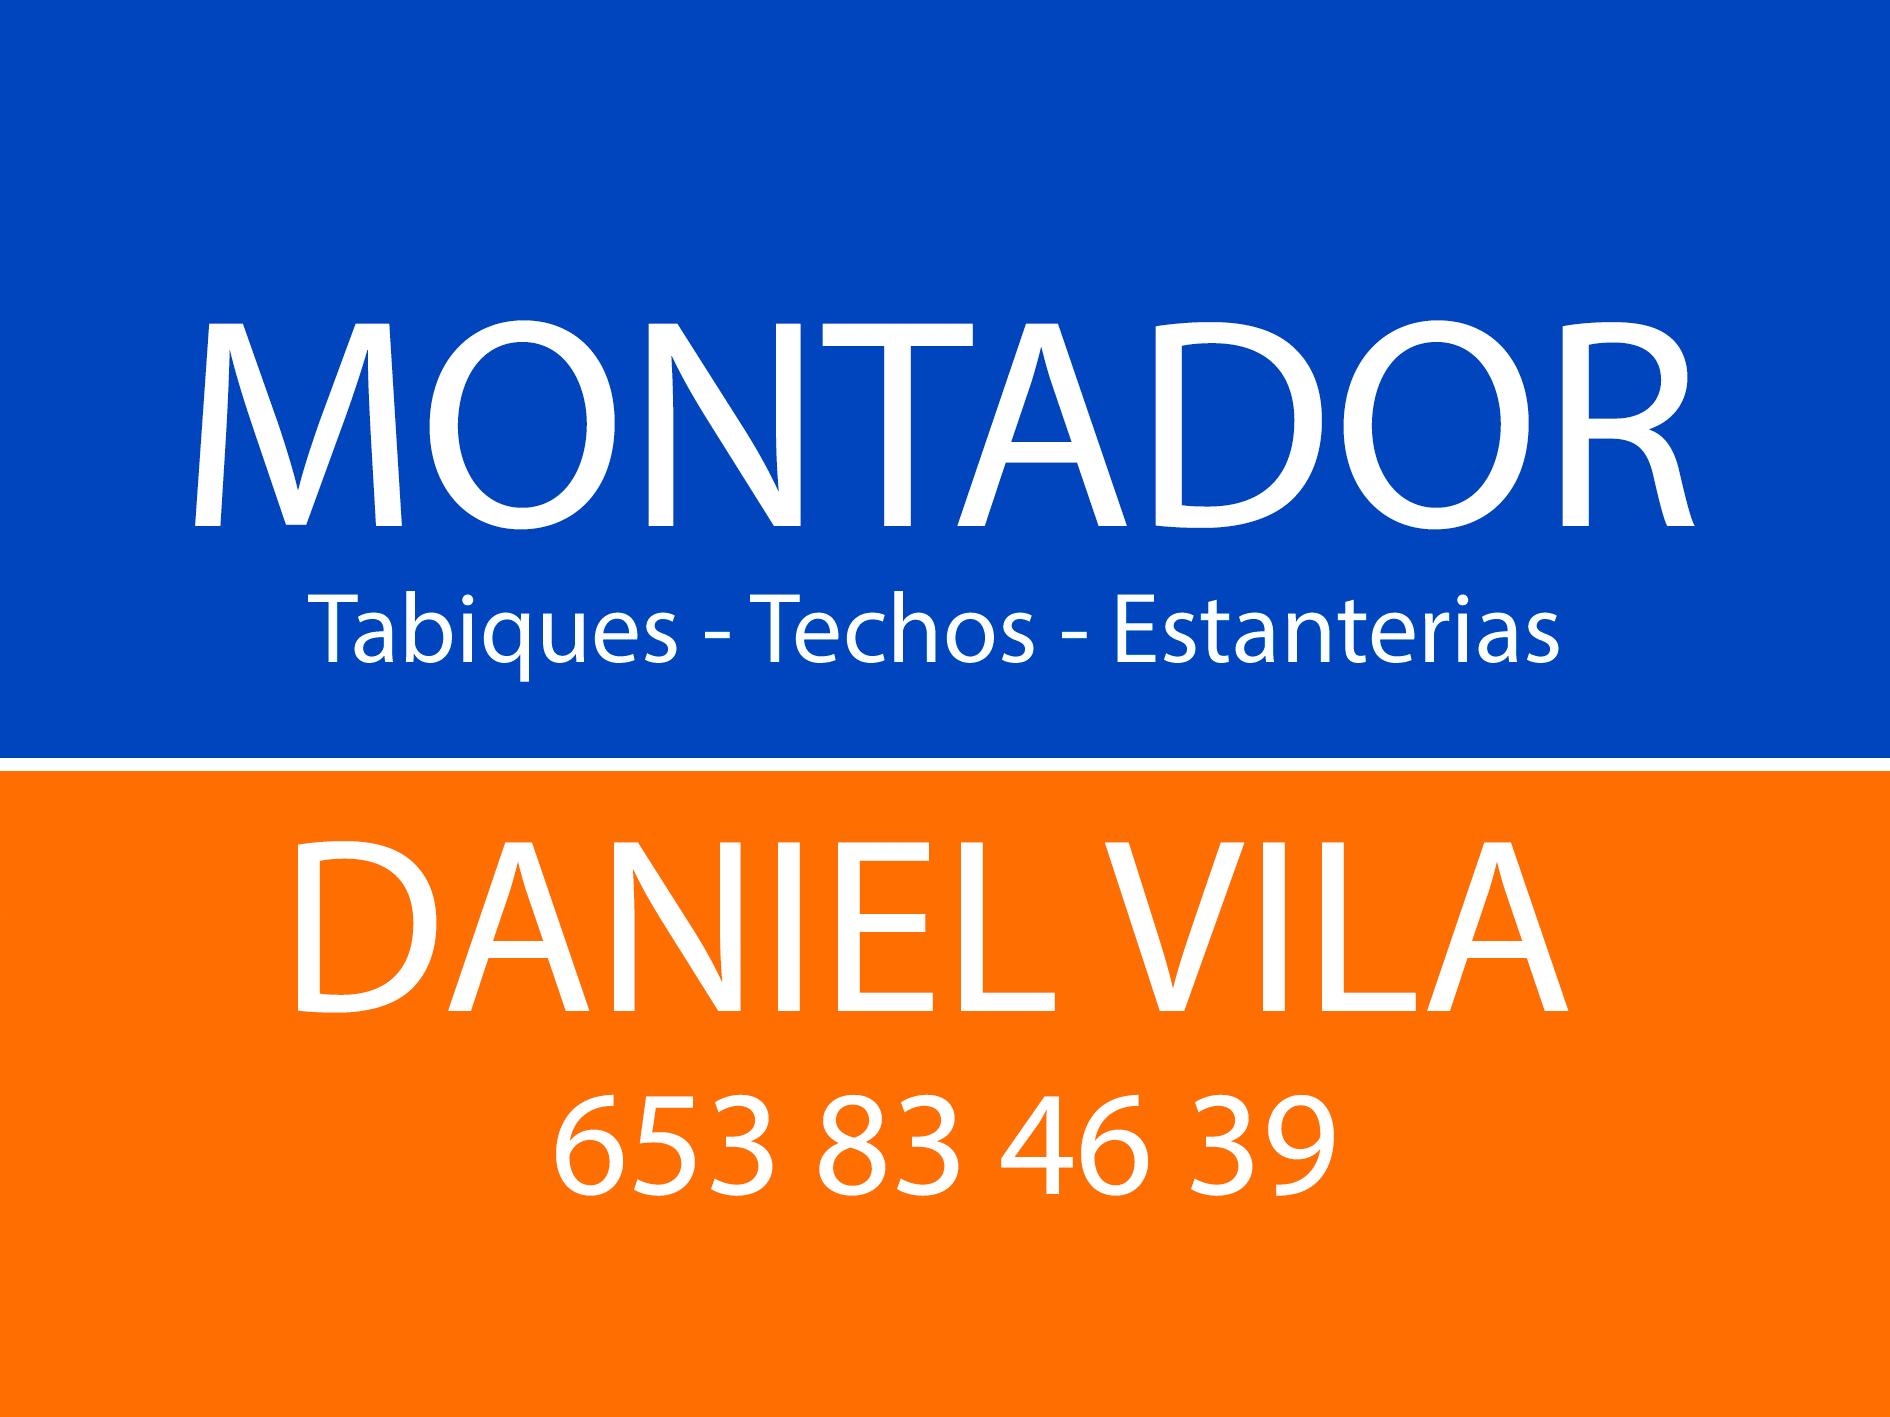 DANIELVILA MONTADOR